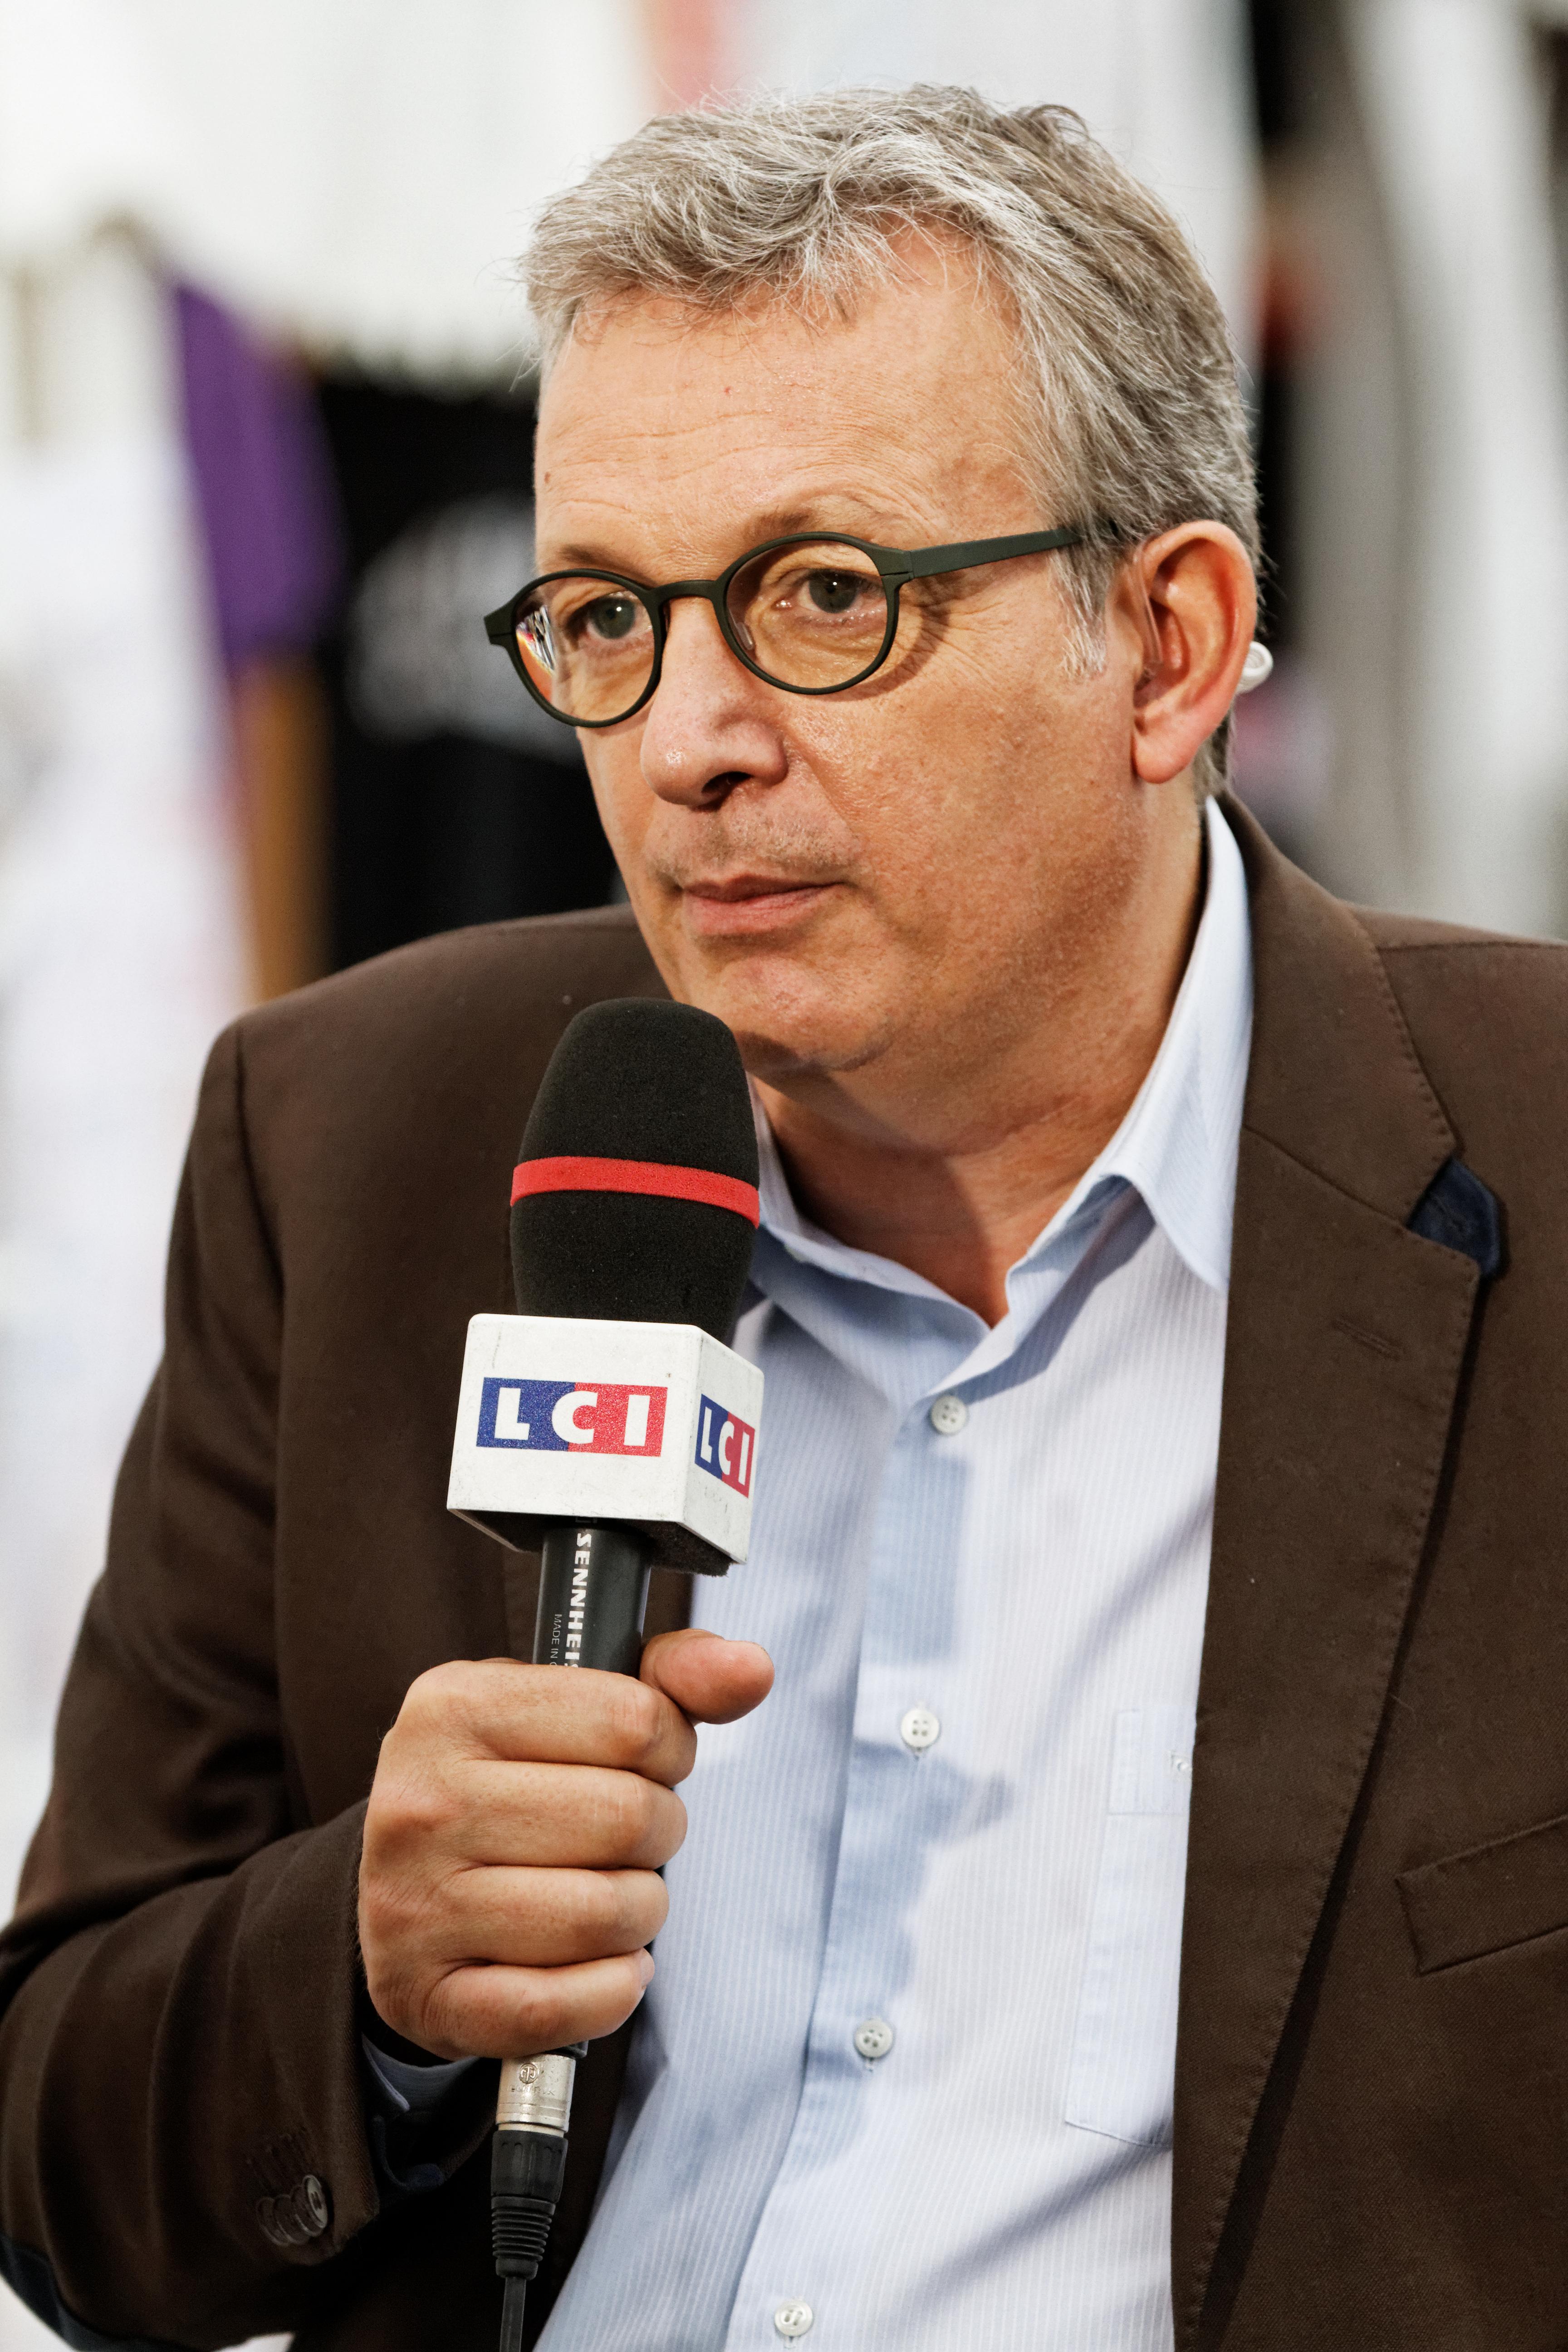 Personnalités Pierre_Laurent_-_F%C3%AAte_de_l%27Humanit%C3%A9_2013_-_001